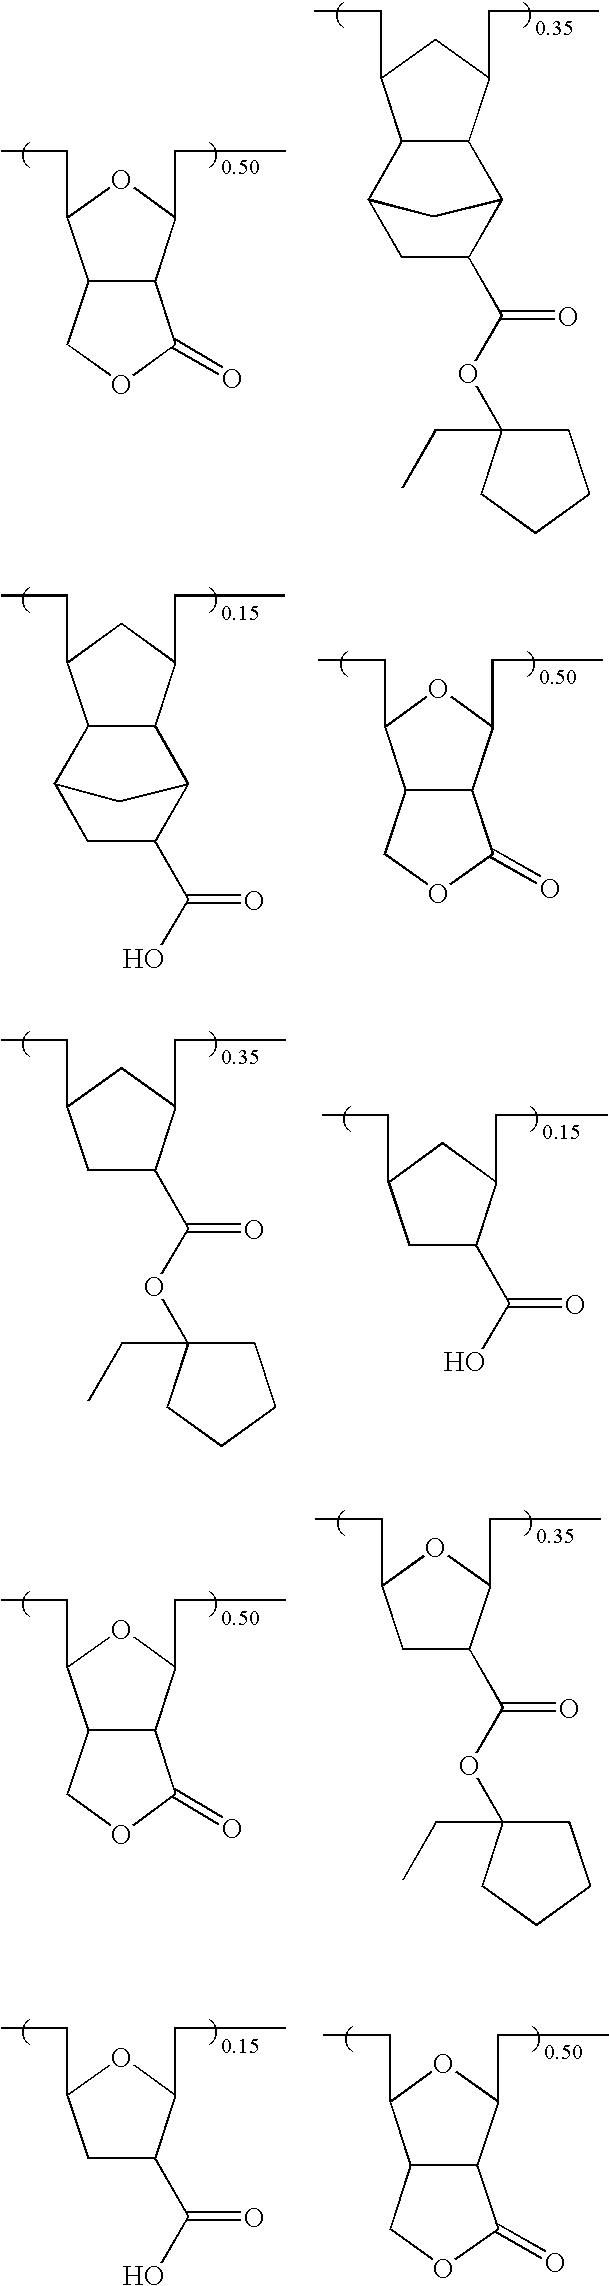 Figure US20070231738A1-20071004-C00057